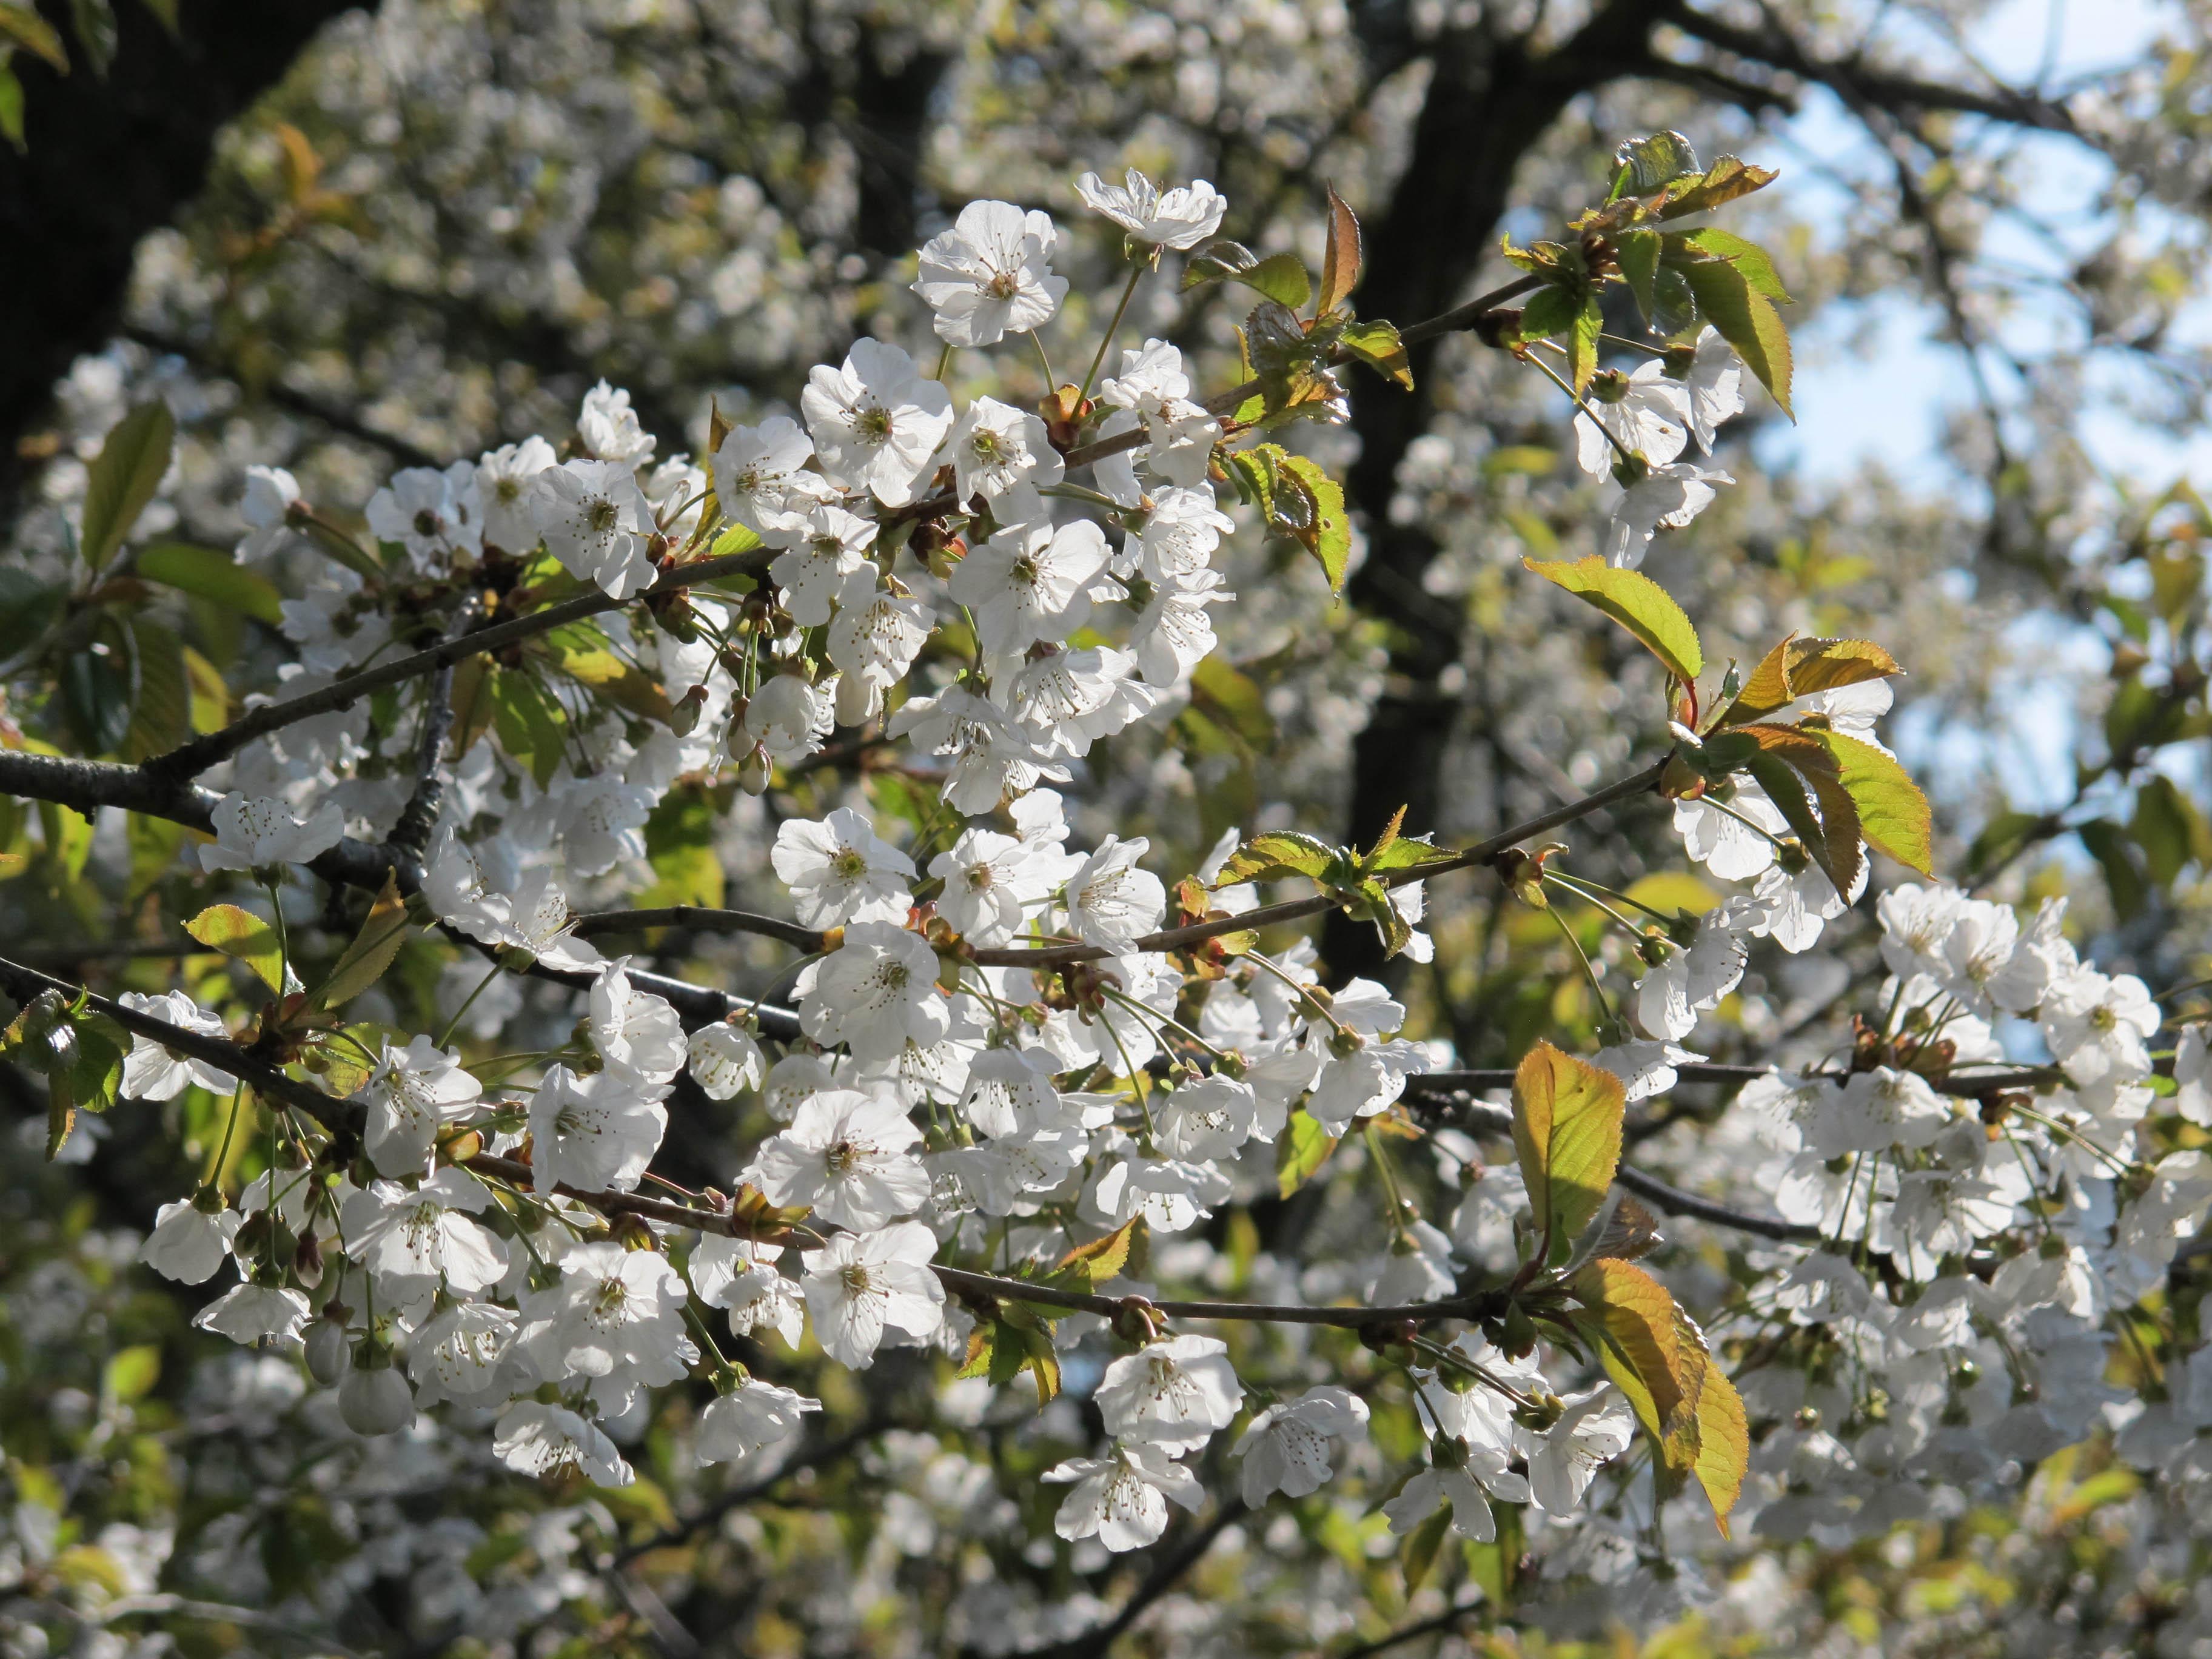 blomstrende træer i maj